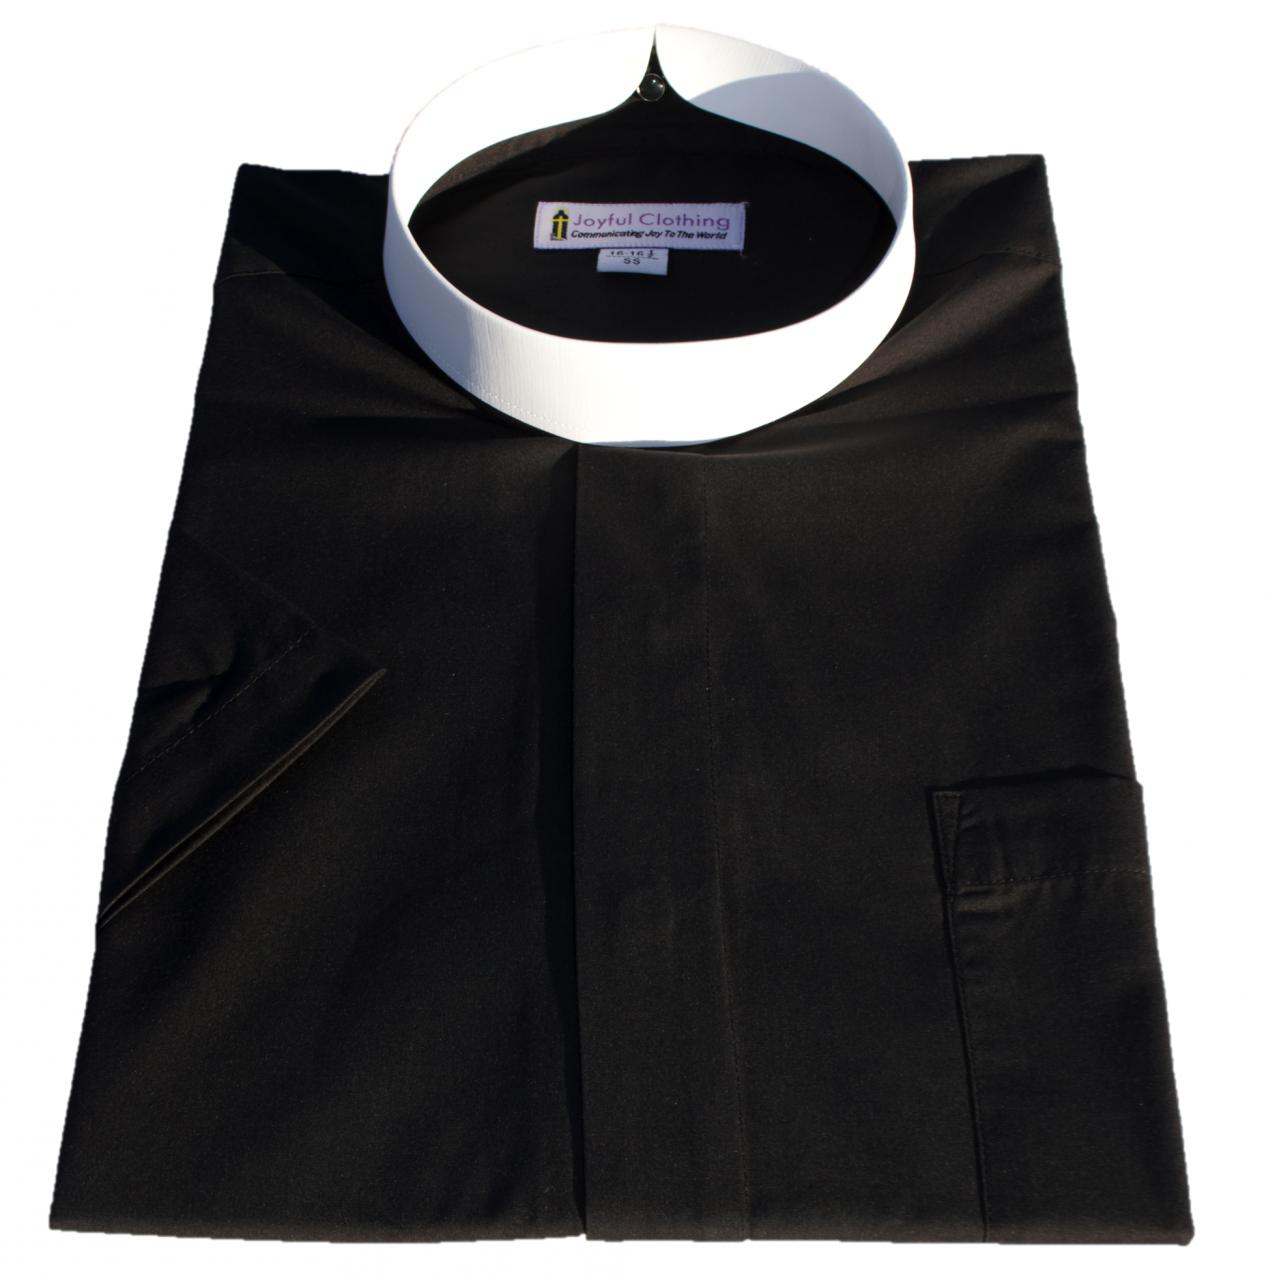 251. Men's Short-Sleeve Full Collar Banded Clergy Shirt - Black